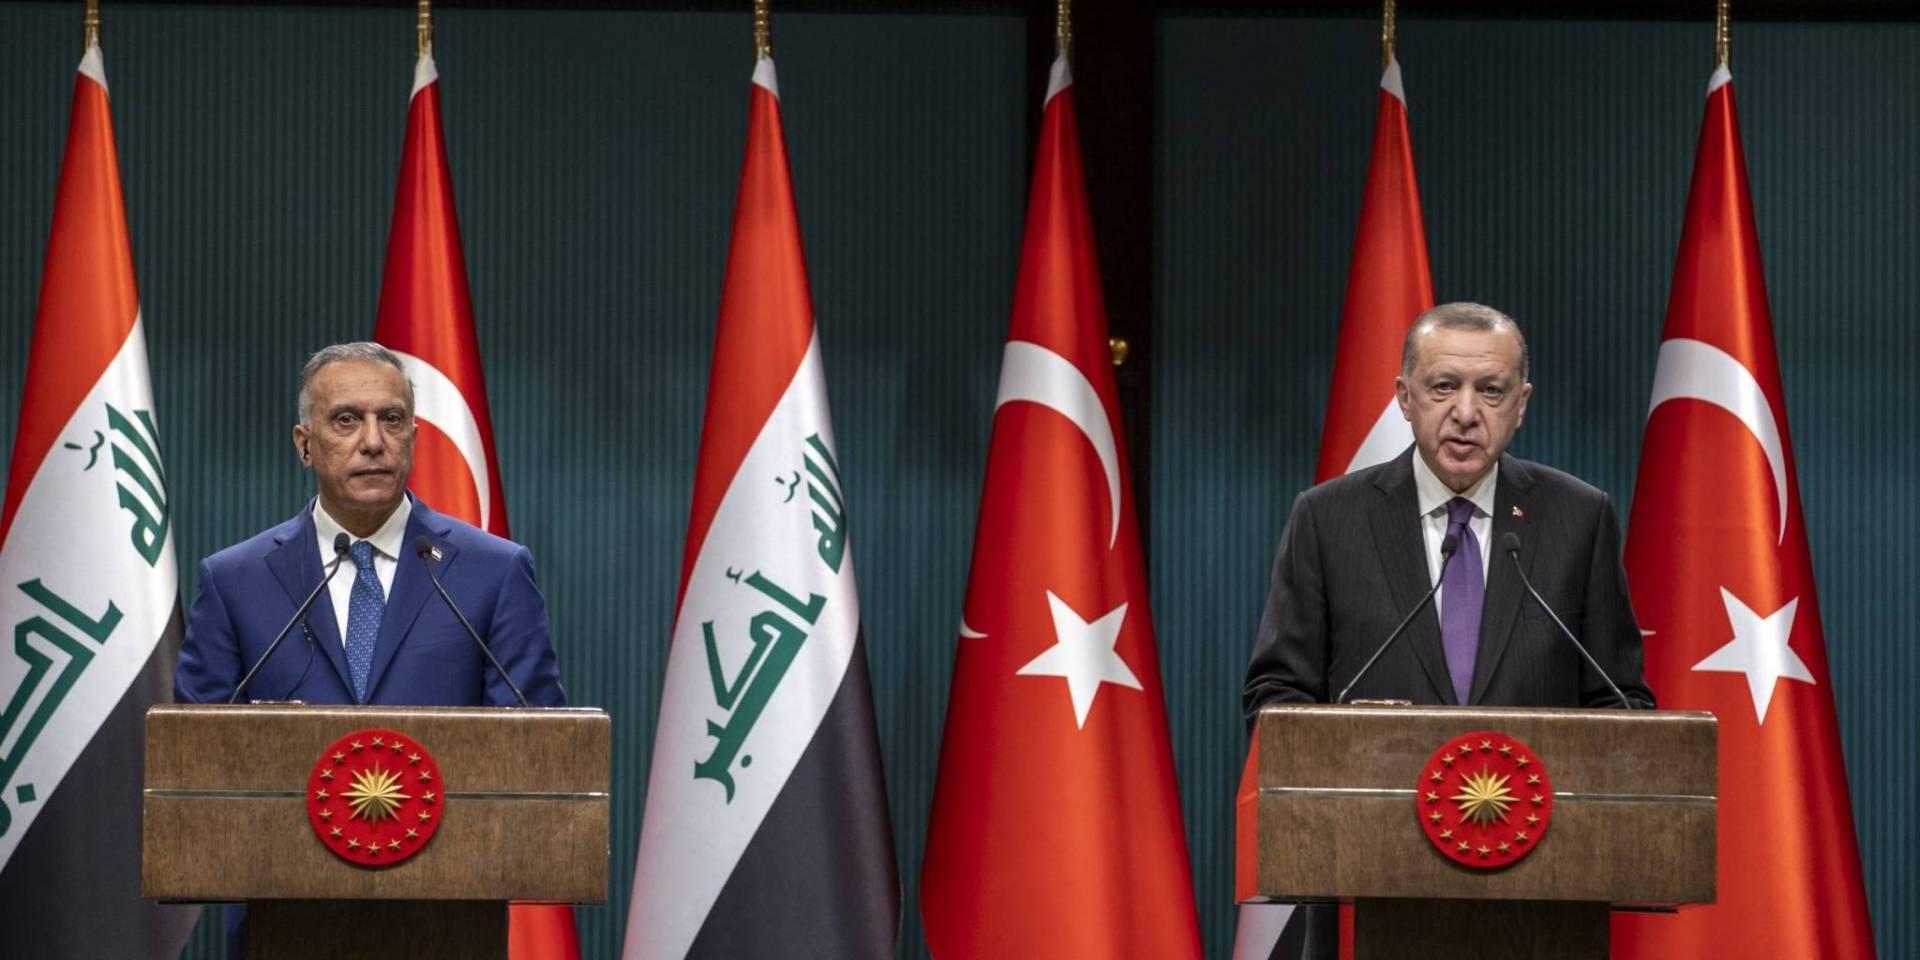 هل ستشنّ تركيا هجومًا على العراق عام 2021؟